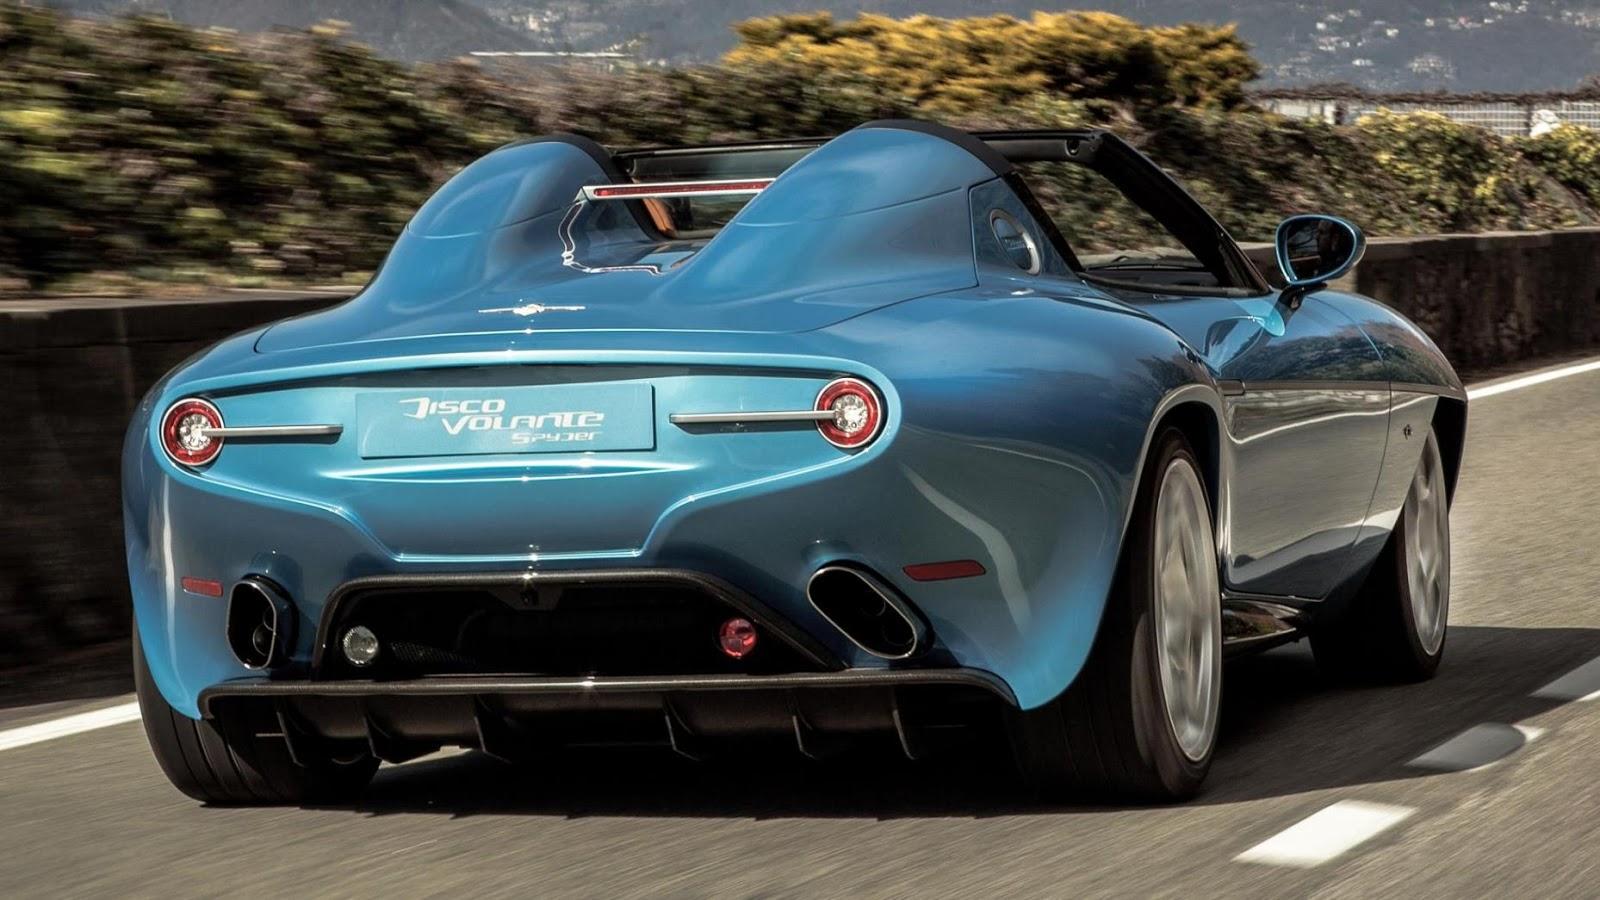 2016 Touring Superleggera Disco Volante Spyder